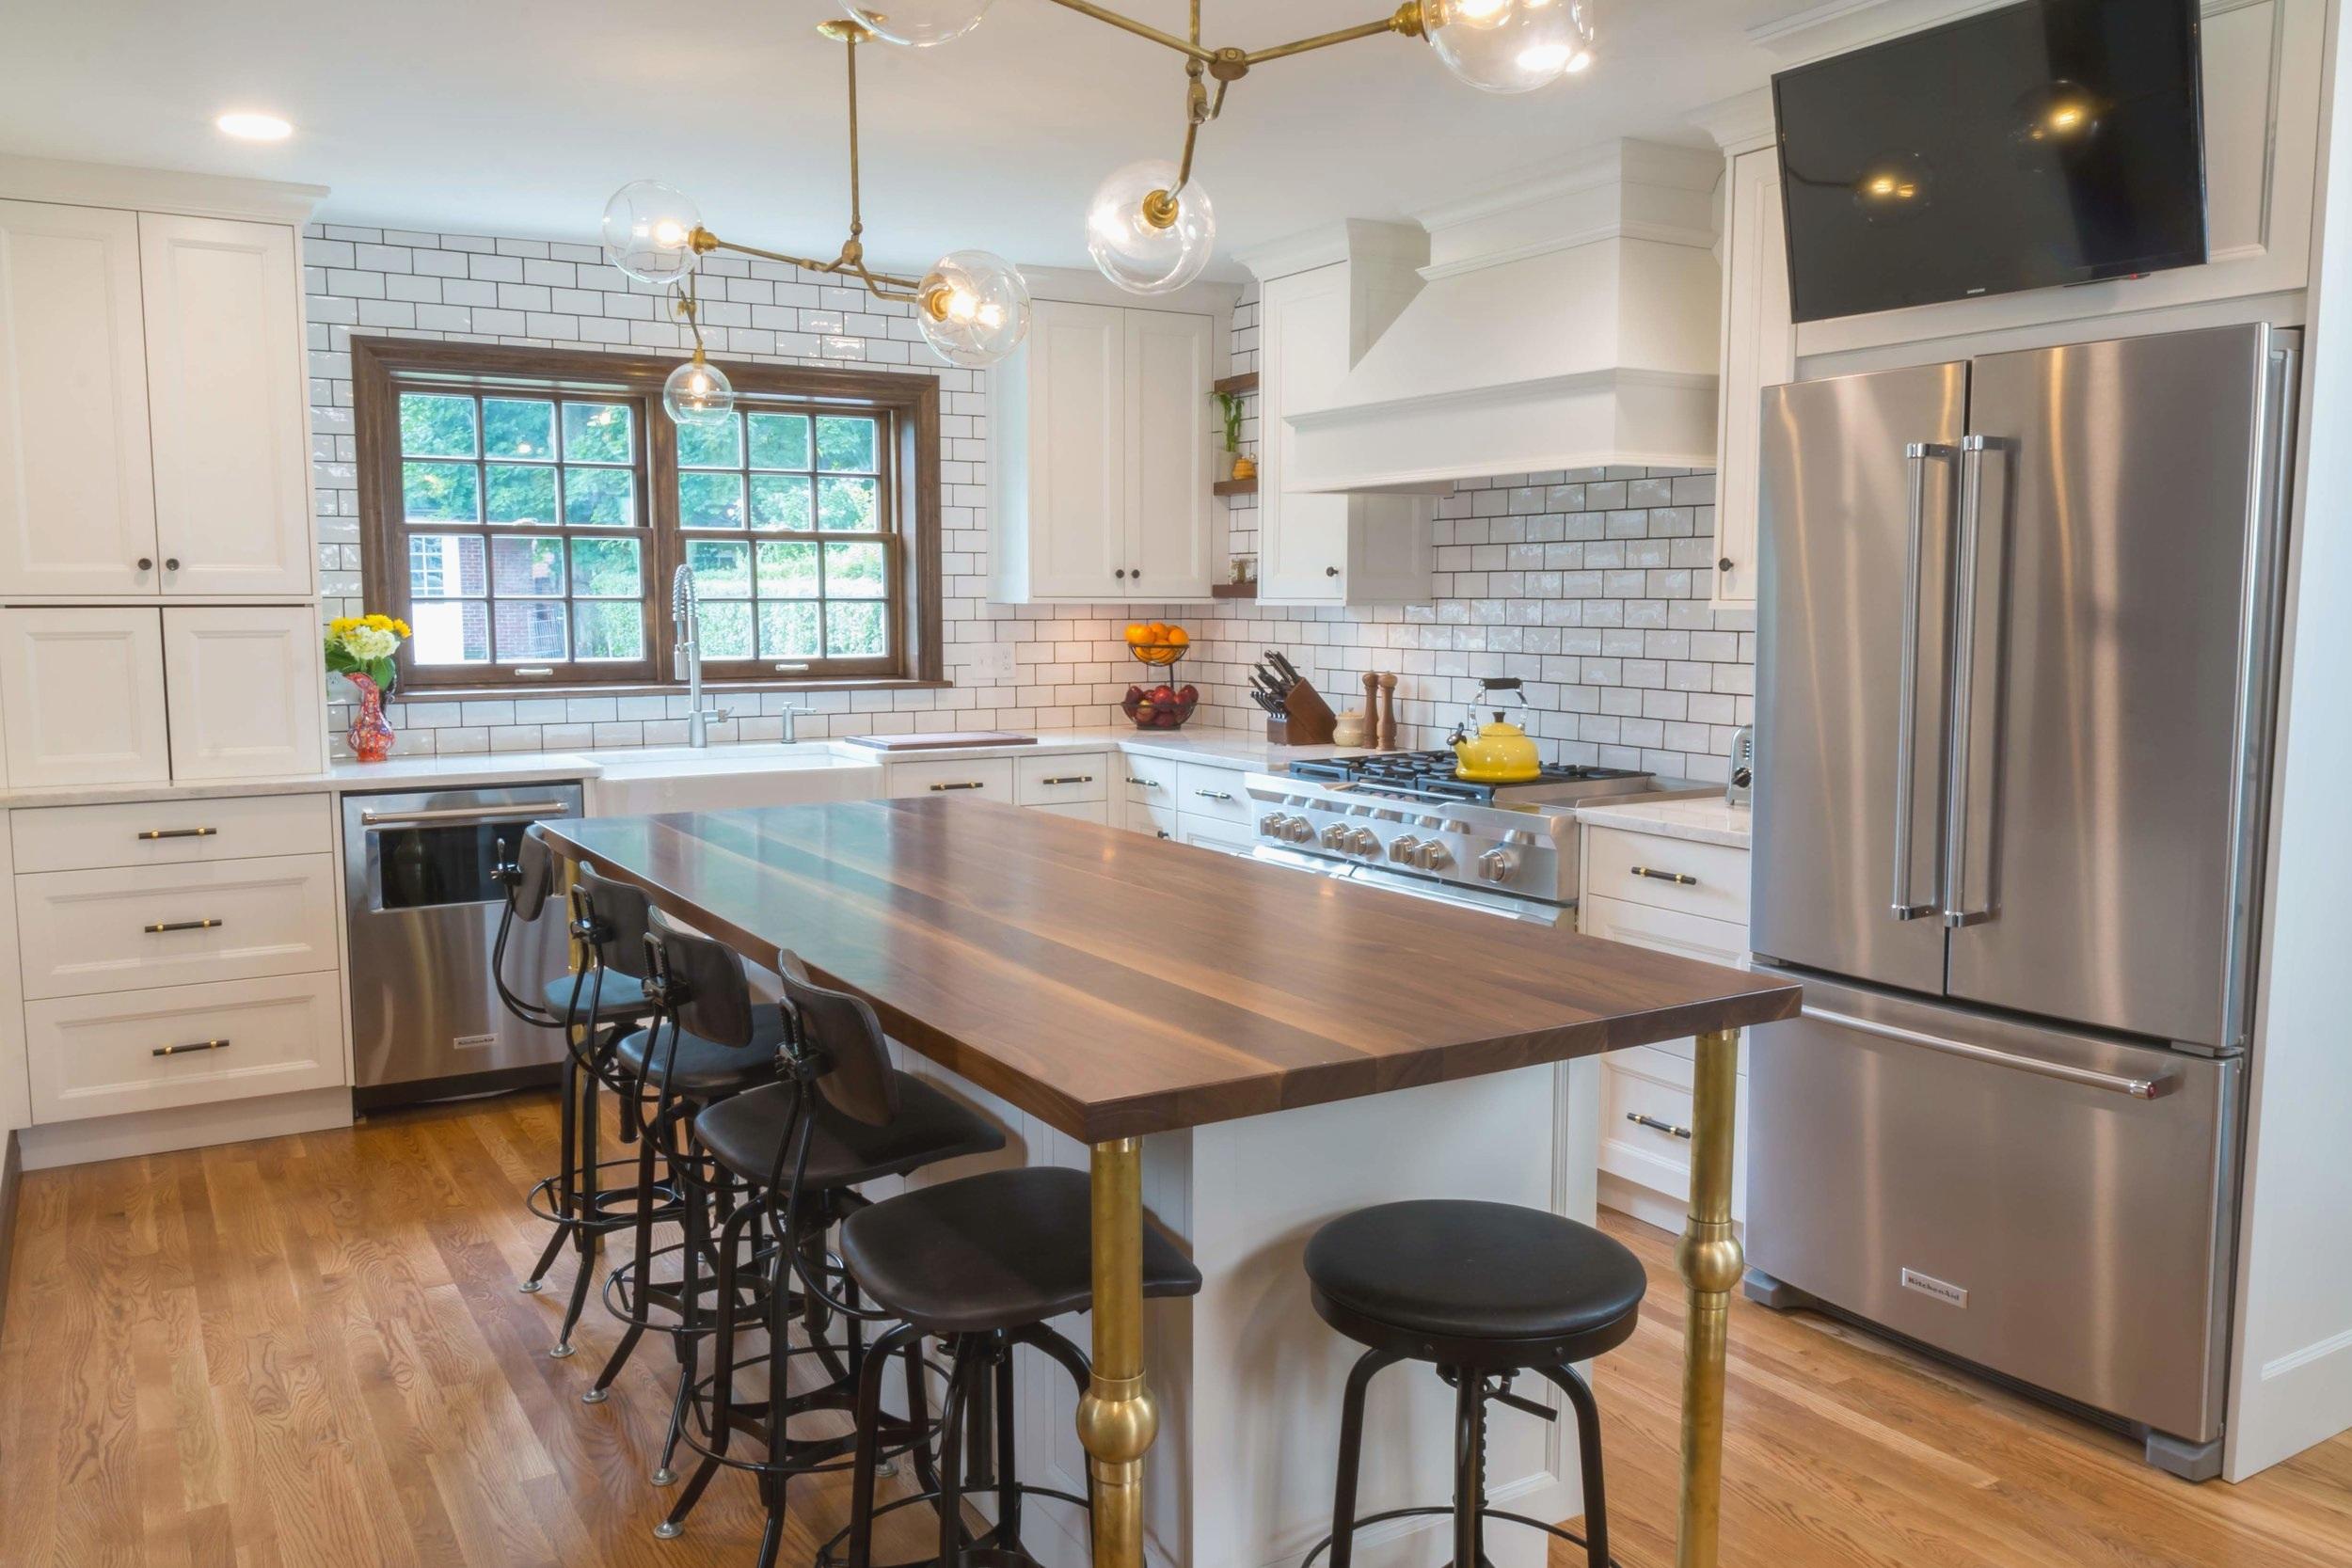 empire-custom-kitchens-cabinet-doors-buffalo-ny-2.jpg